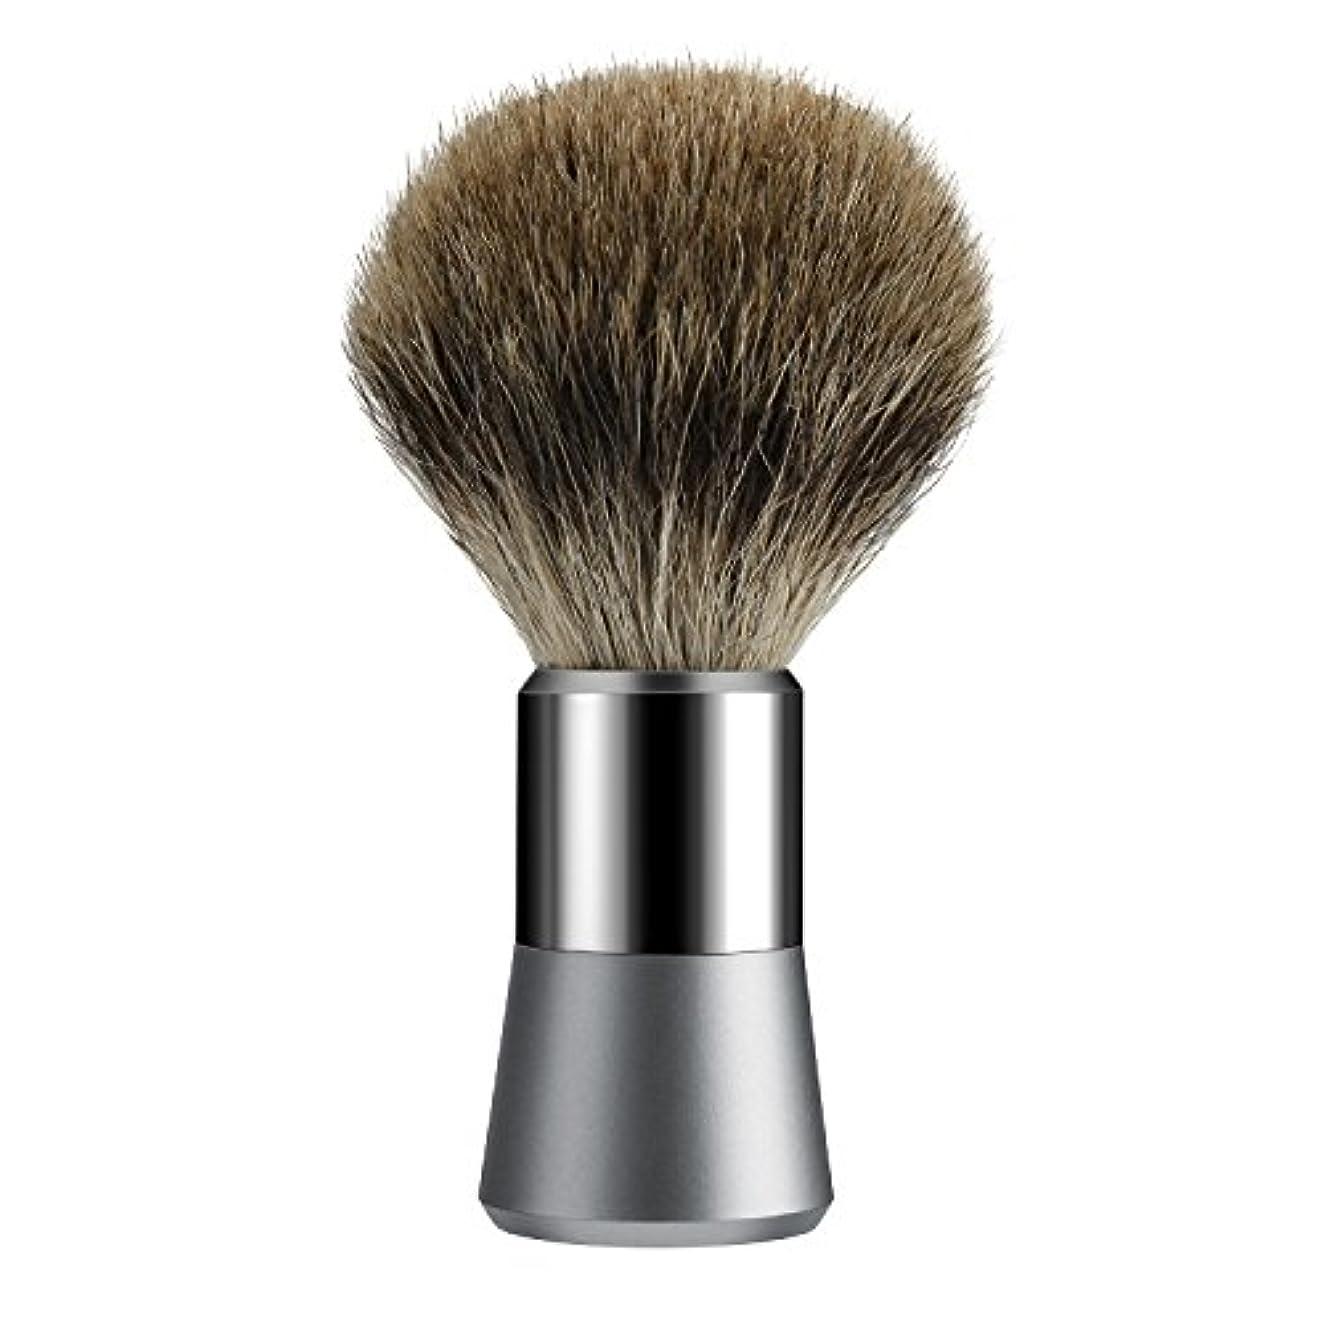 第四インシデント雨Tezam シェービング ブラシ, シェービングブラシ アナグマの毛 100%, クロームハンドル